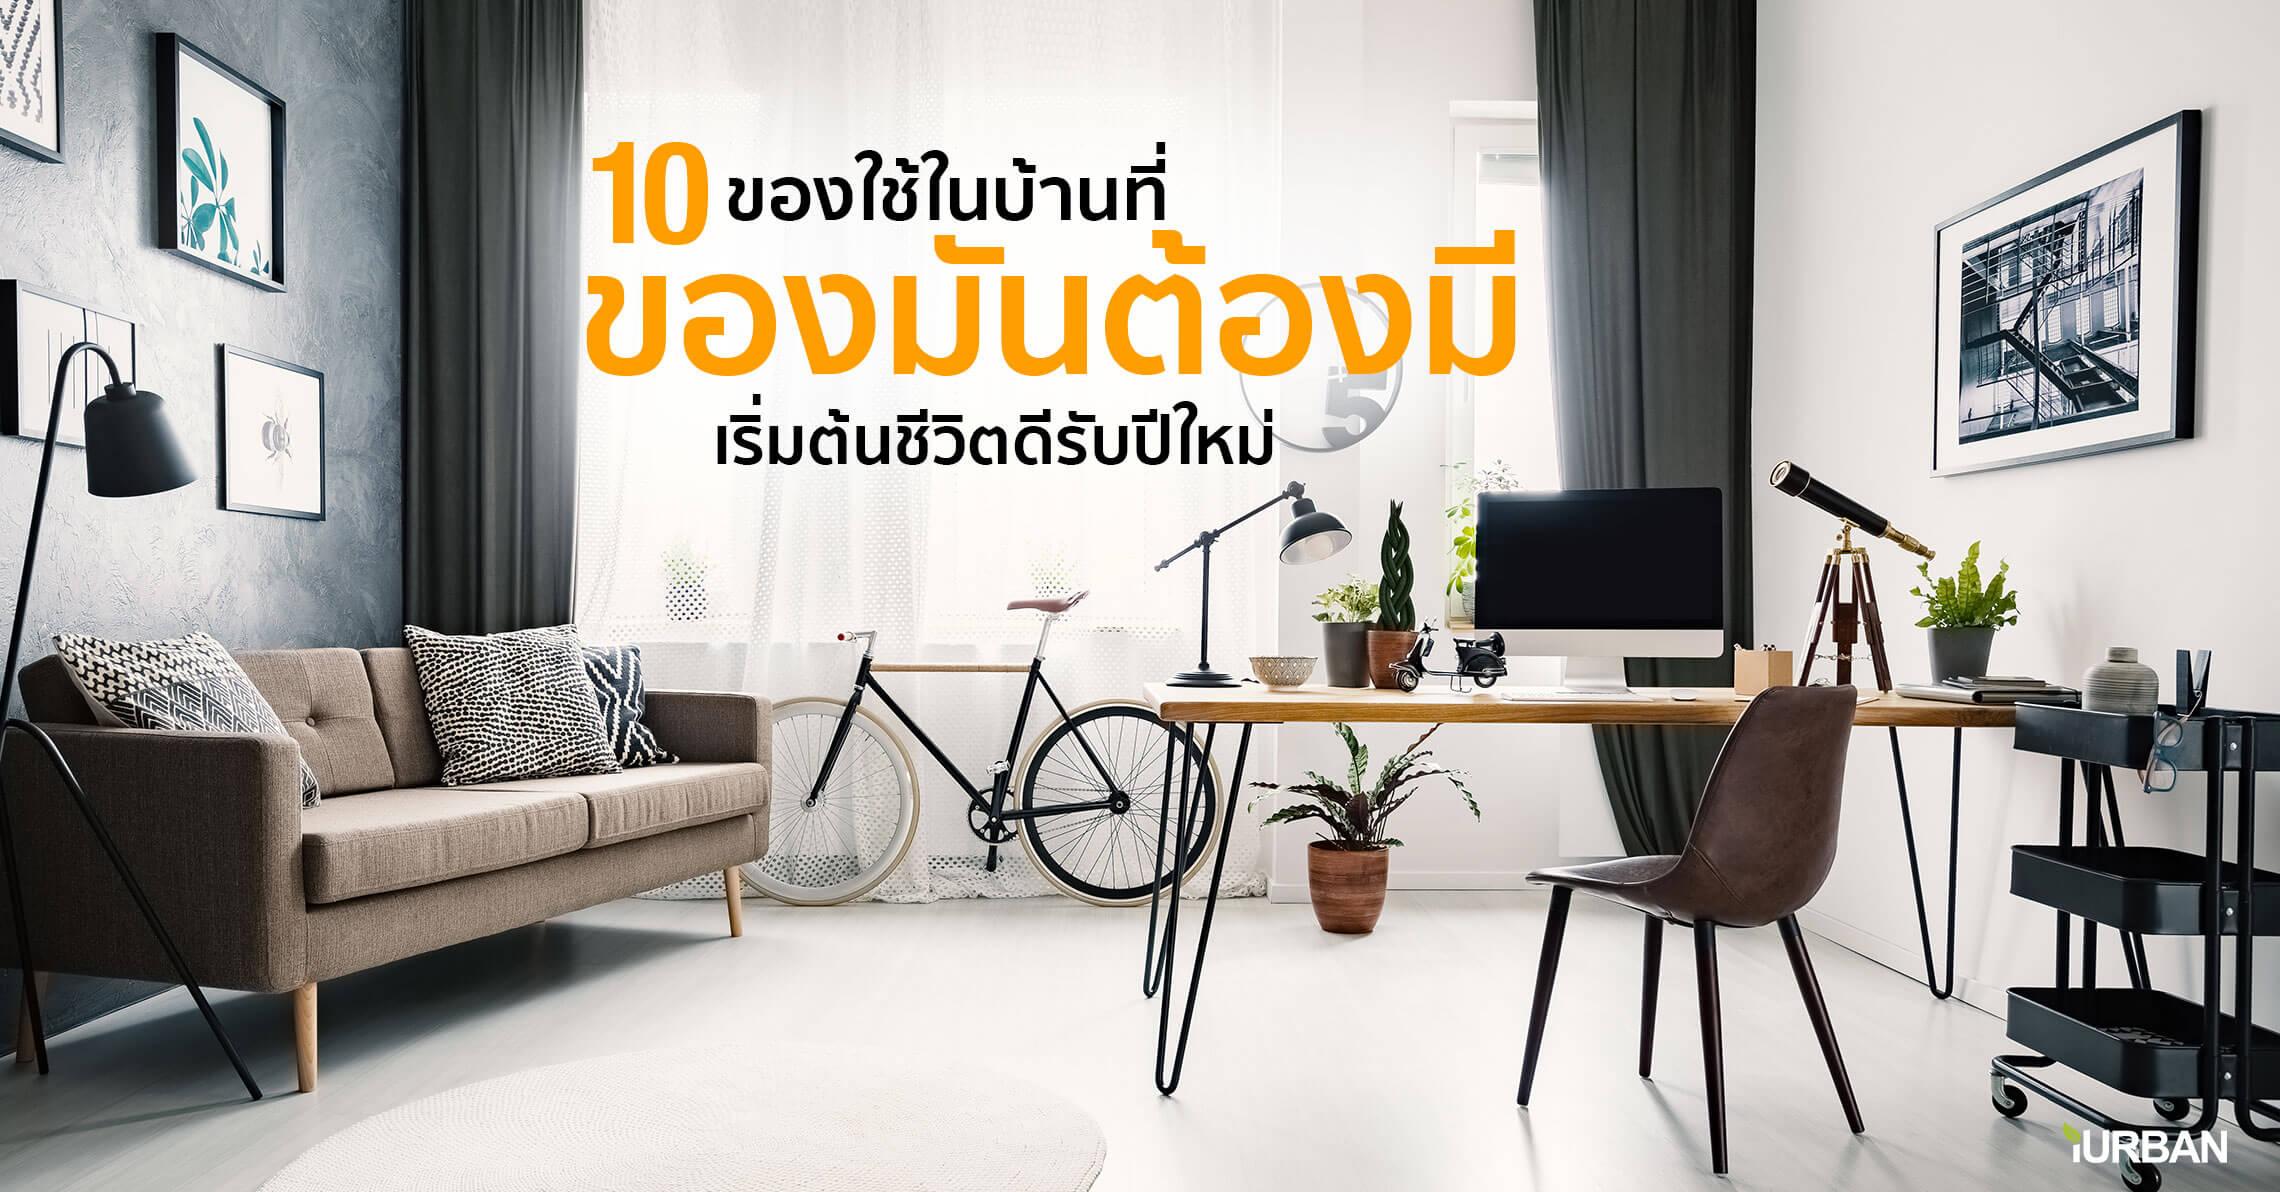 10 ของใช้ในบ้านที่ #ของมันต้องมี ของขวัญเริ่มต้นชีวิตดีรับปีใหม่ให้ตัวเอง 6 - INSPIRATION